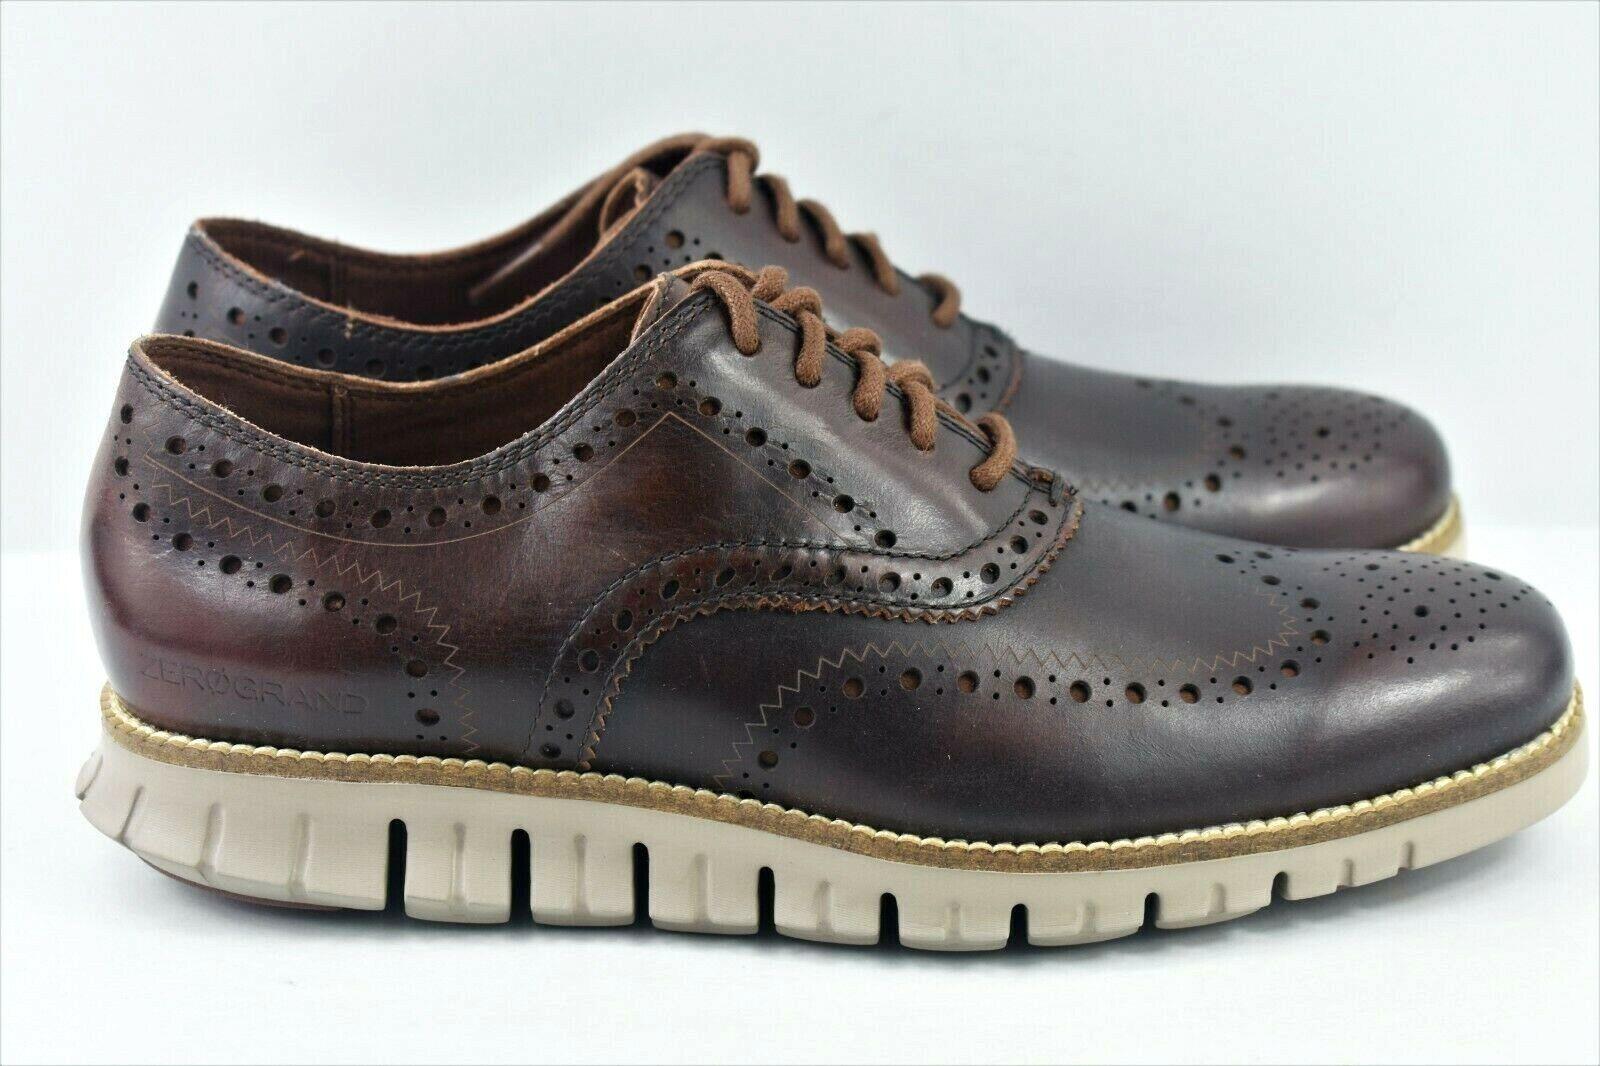 Cole Haan Zerogrand Bout d'aile pour homme taille 7 Oxford   Chaussures en cuir marron C23304